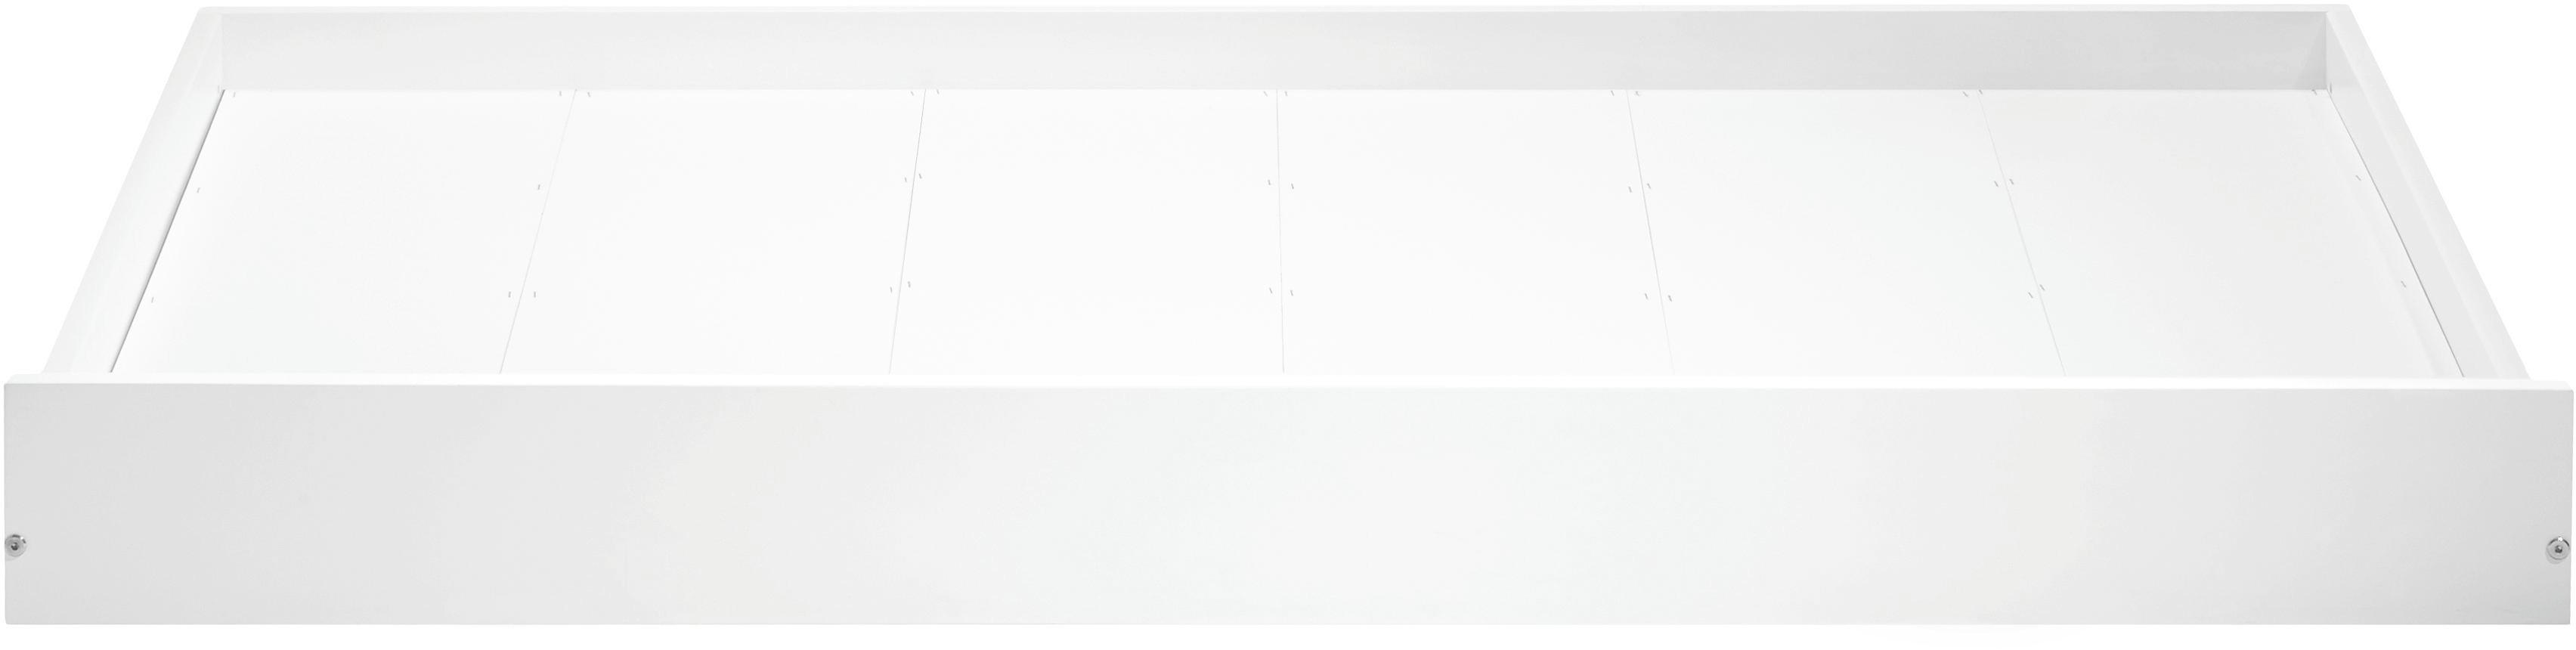 Bettschubkasten in Weiß aus Holz - Weiß, Holz/Kunststoff (154/16/94cm) - ZANDIARA